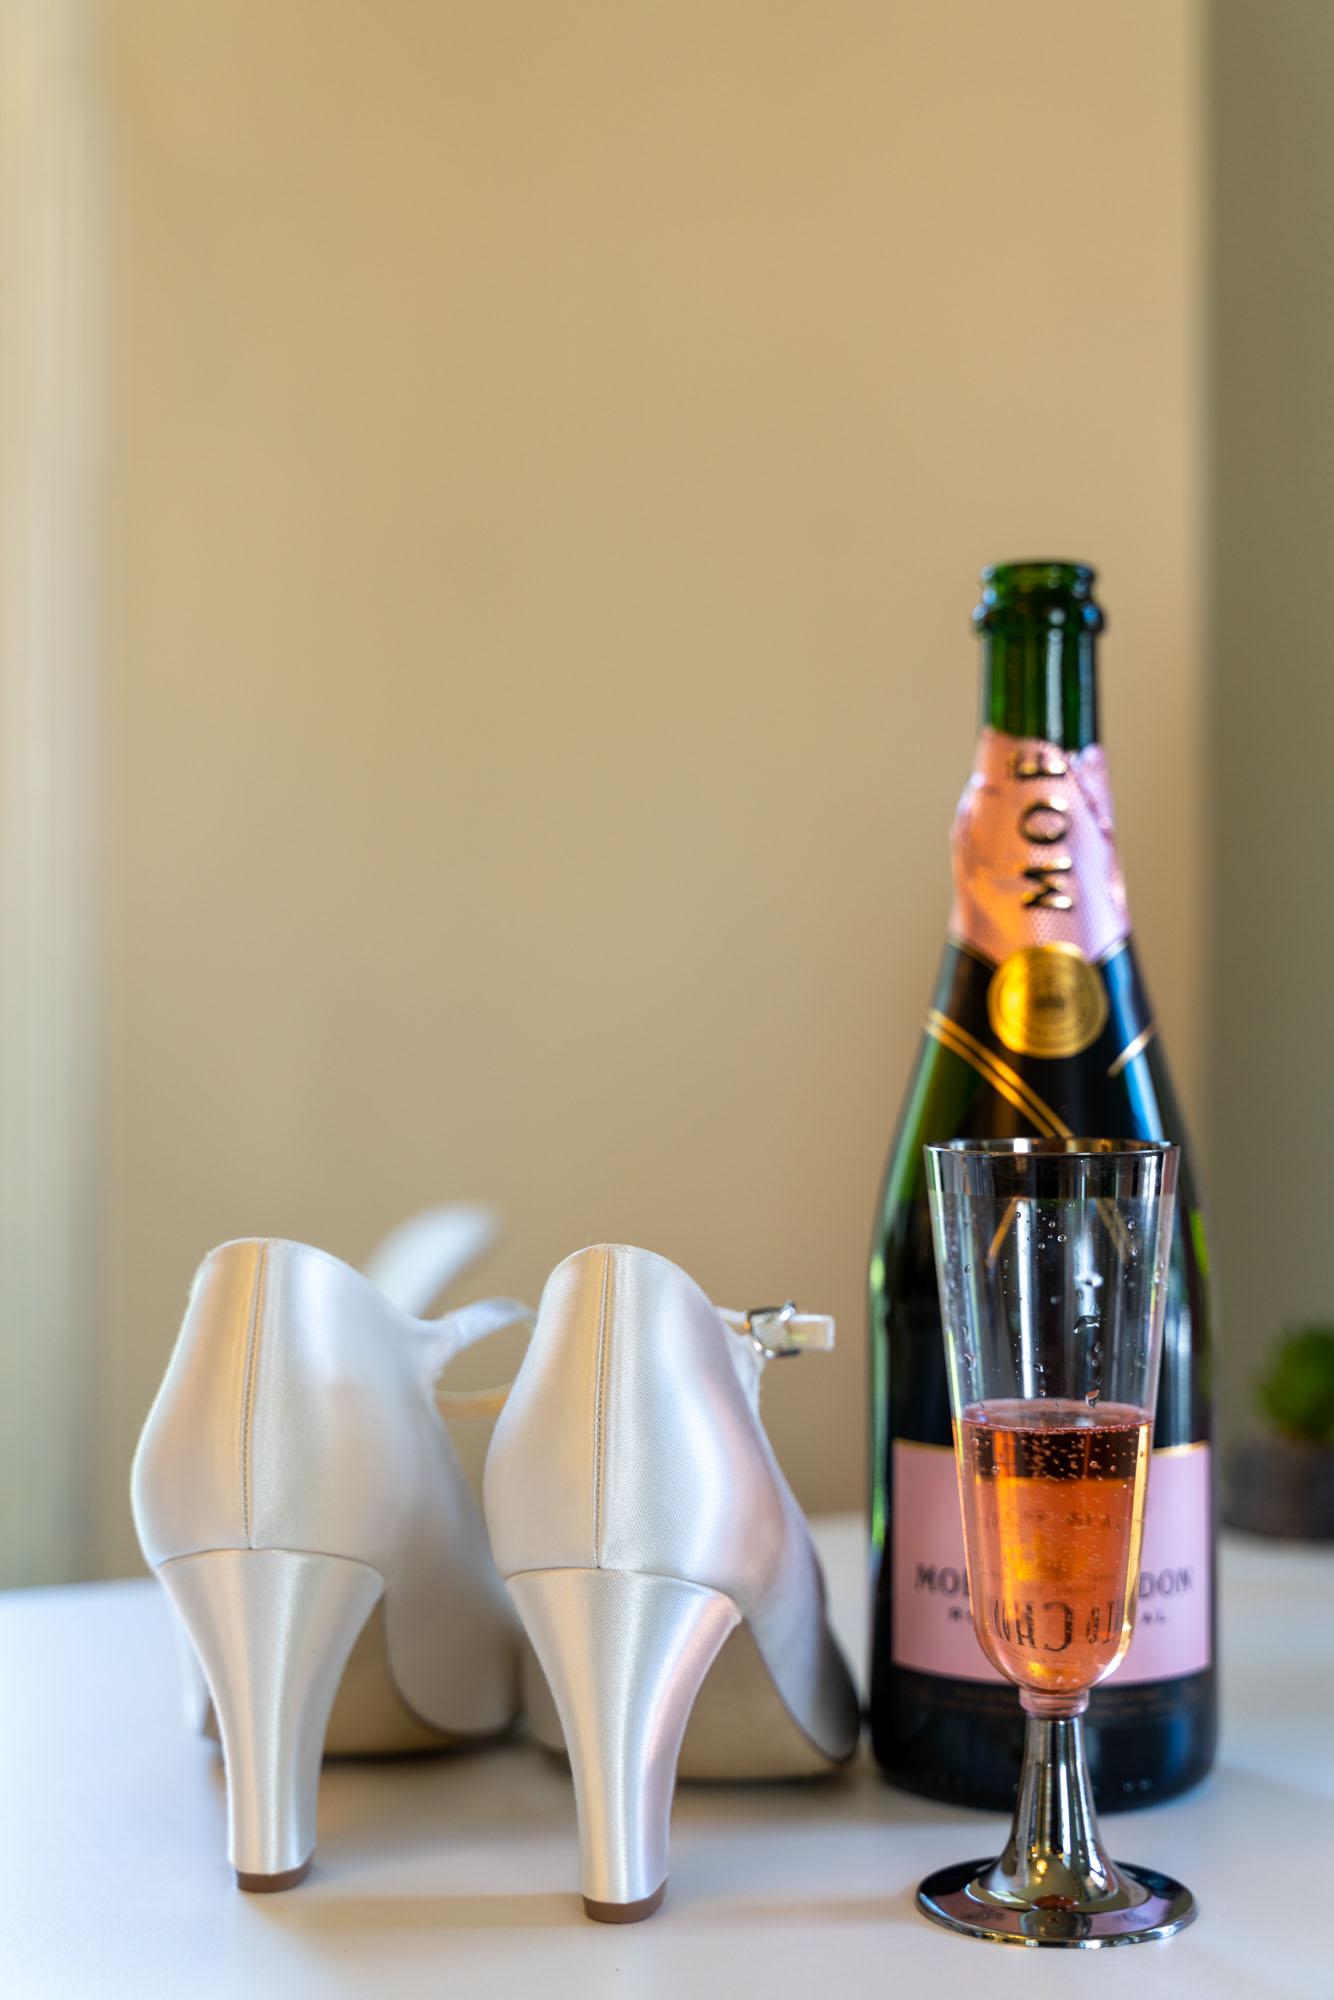 brudens skor och champagneflaska